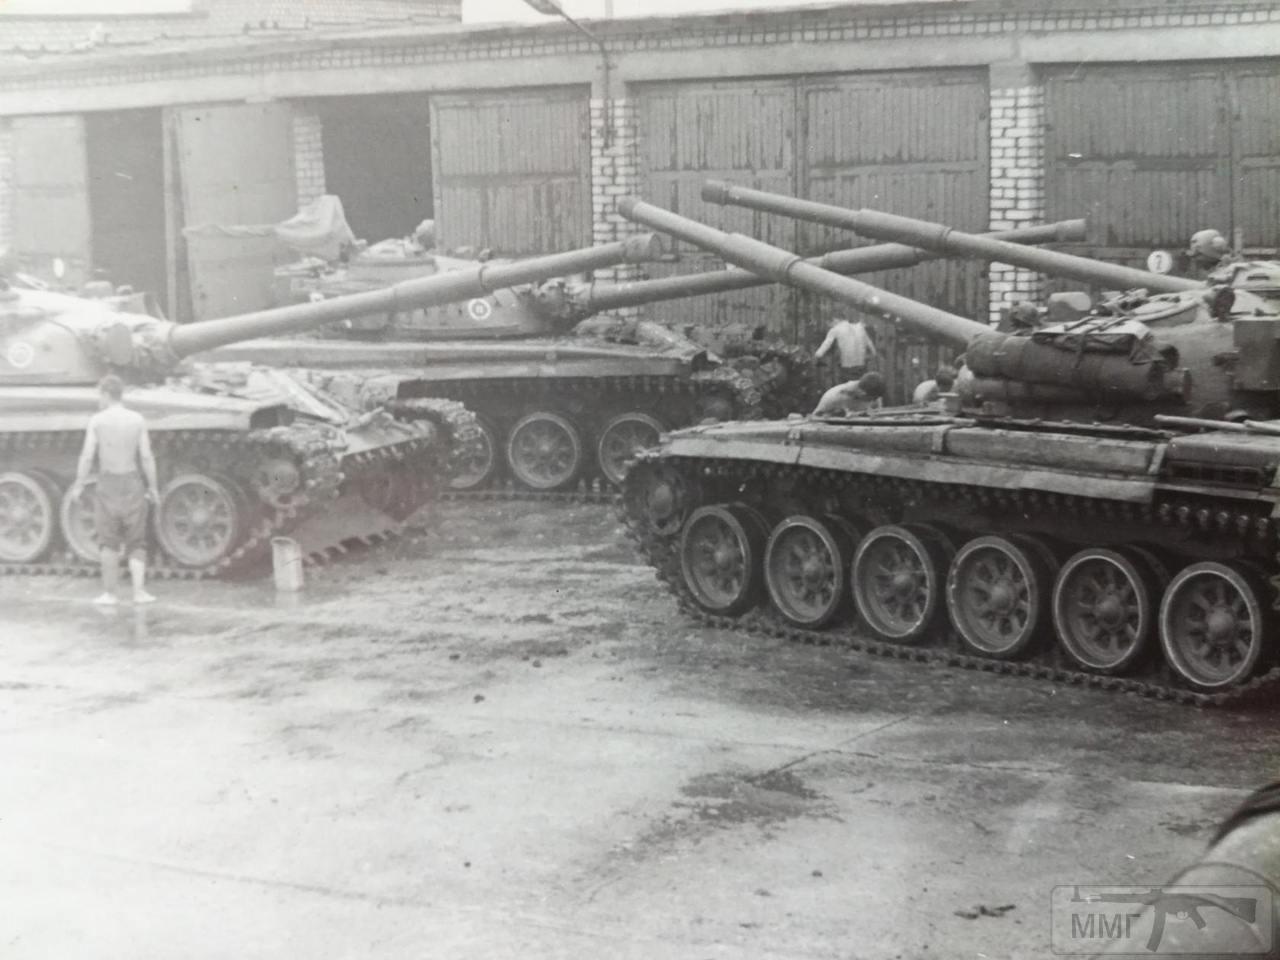 85278 - Производство танков в СССР